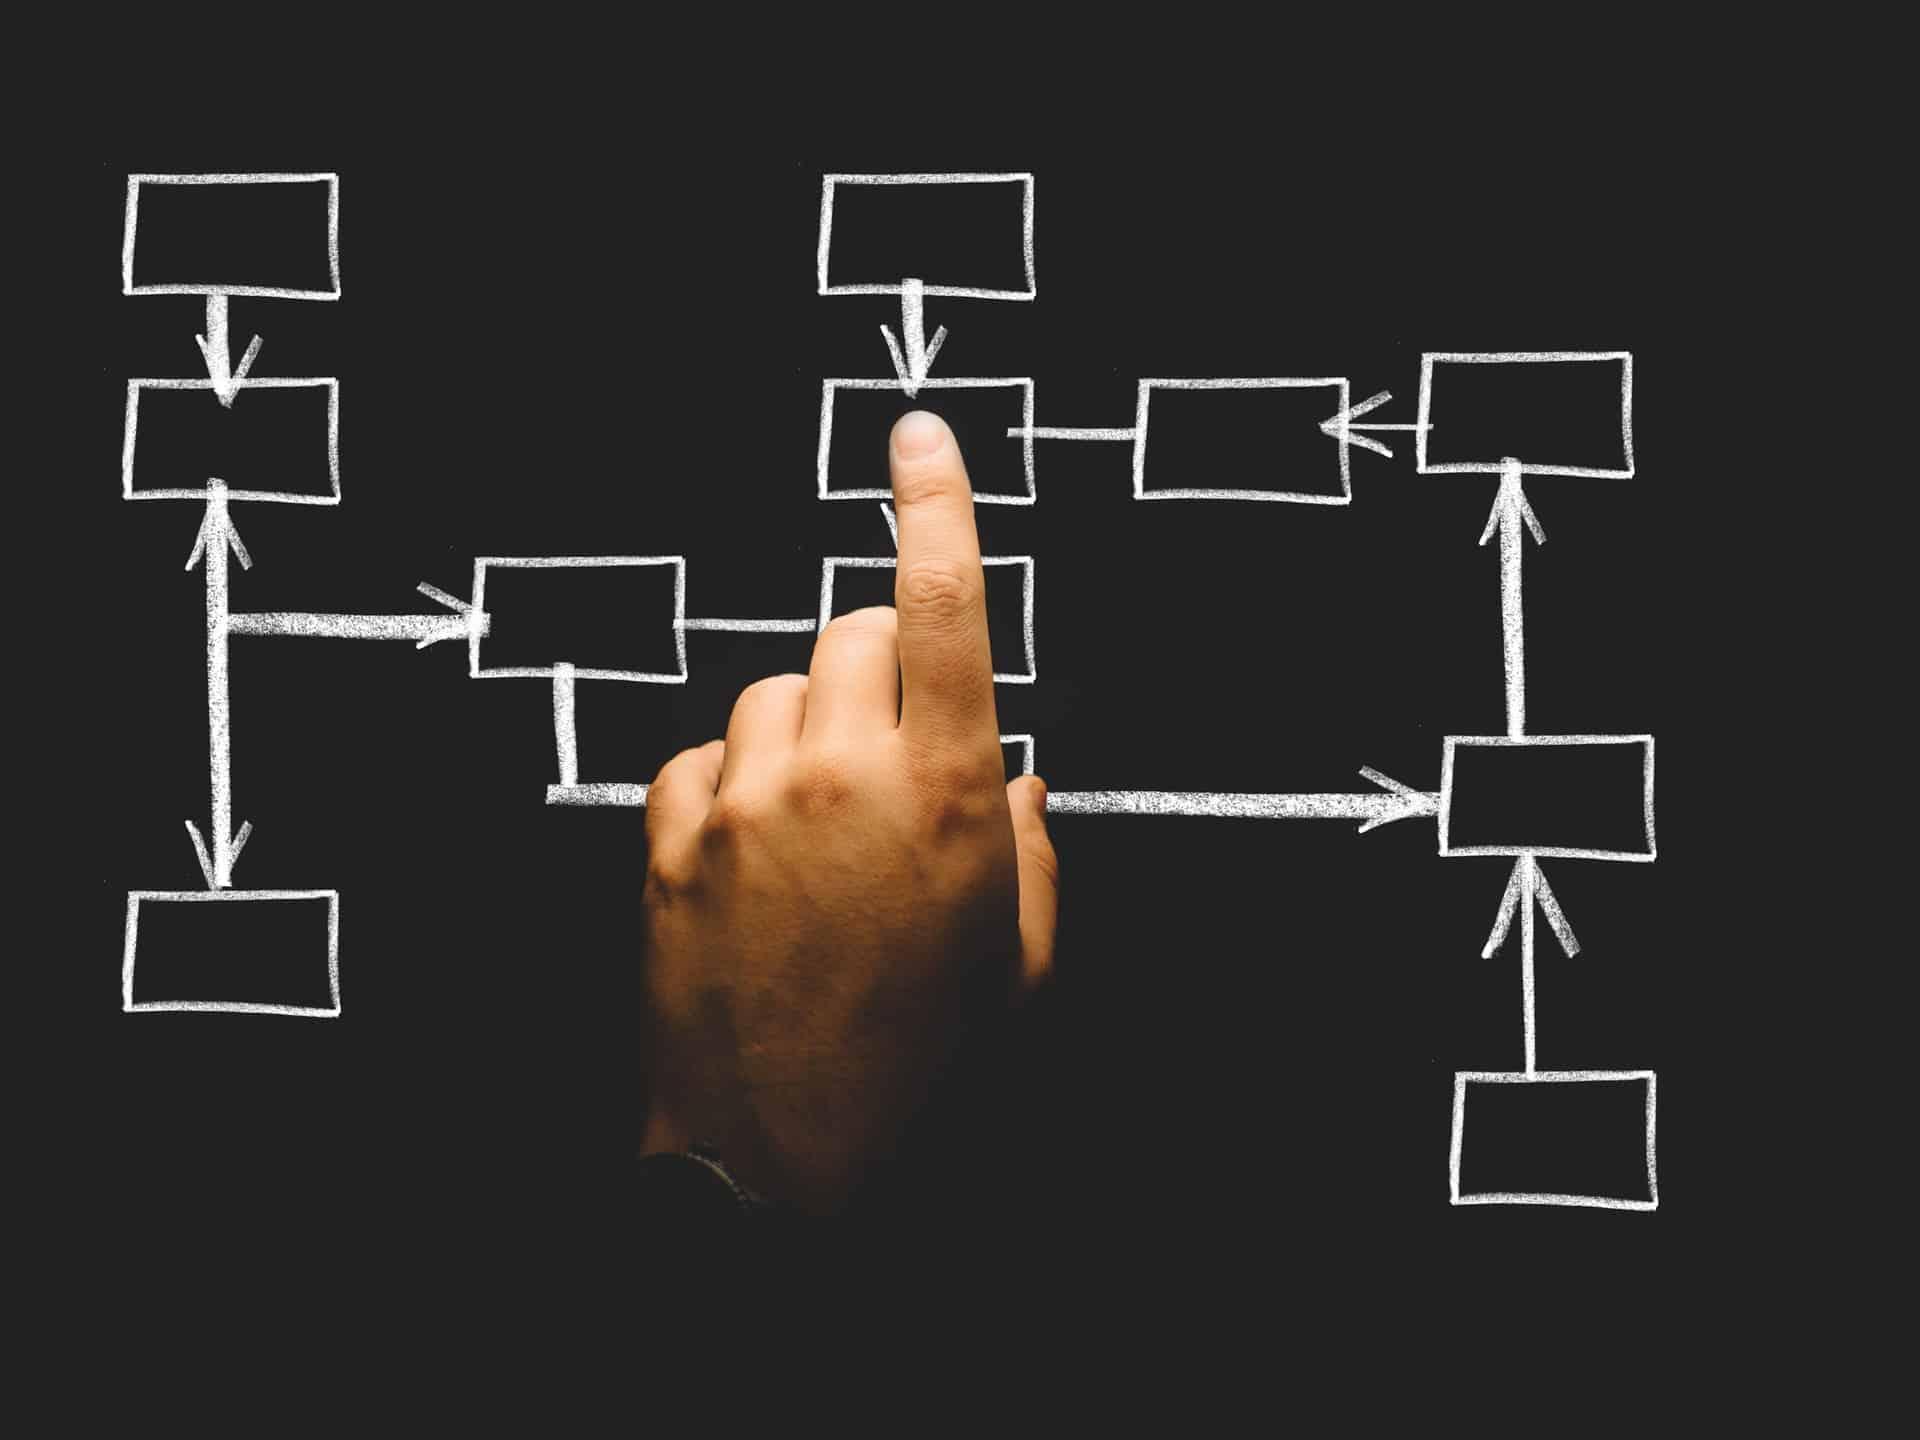 Como o planejamento e gestão estratégica podem te ajudar a conseguir uma promoção?